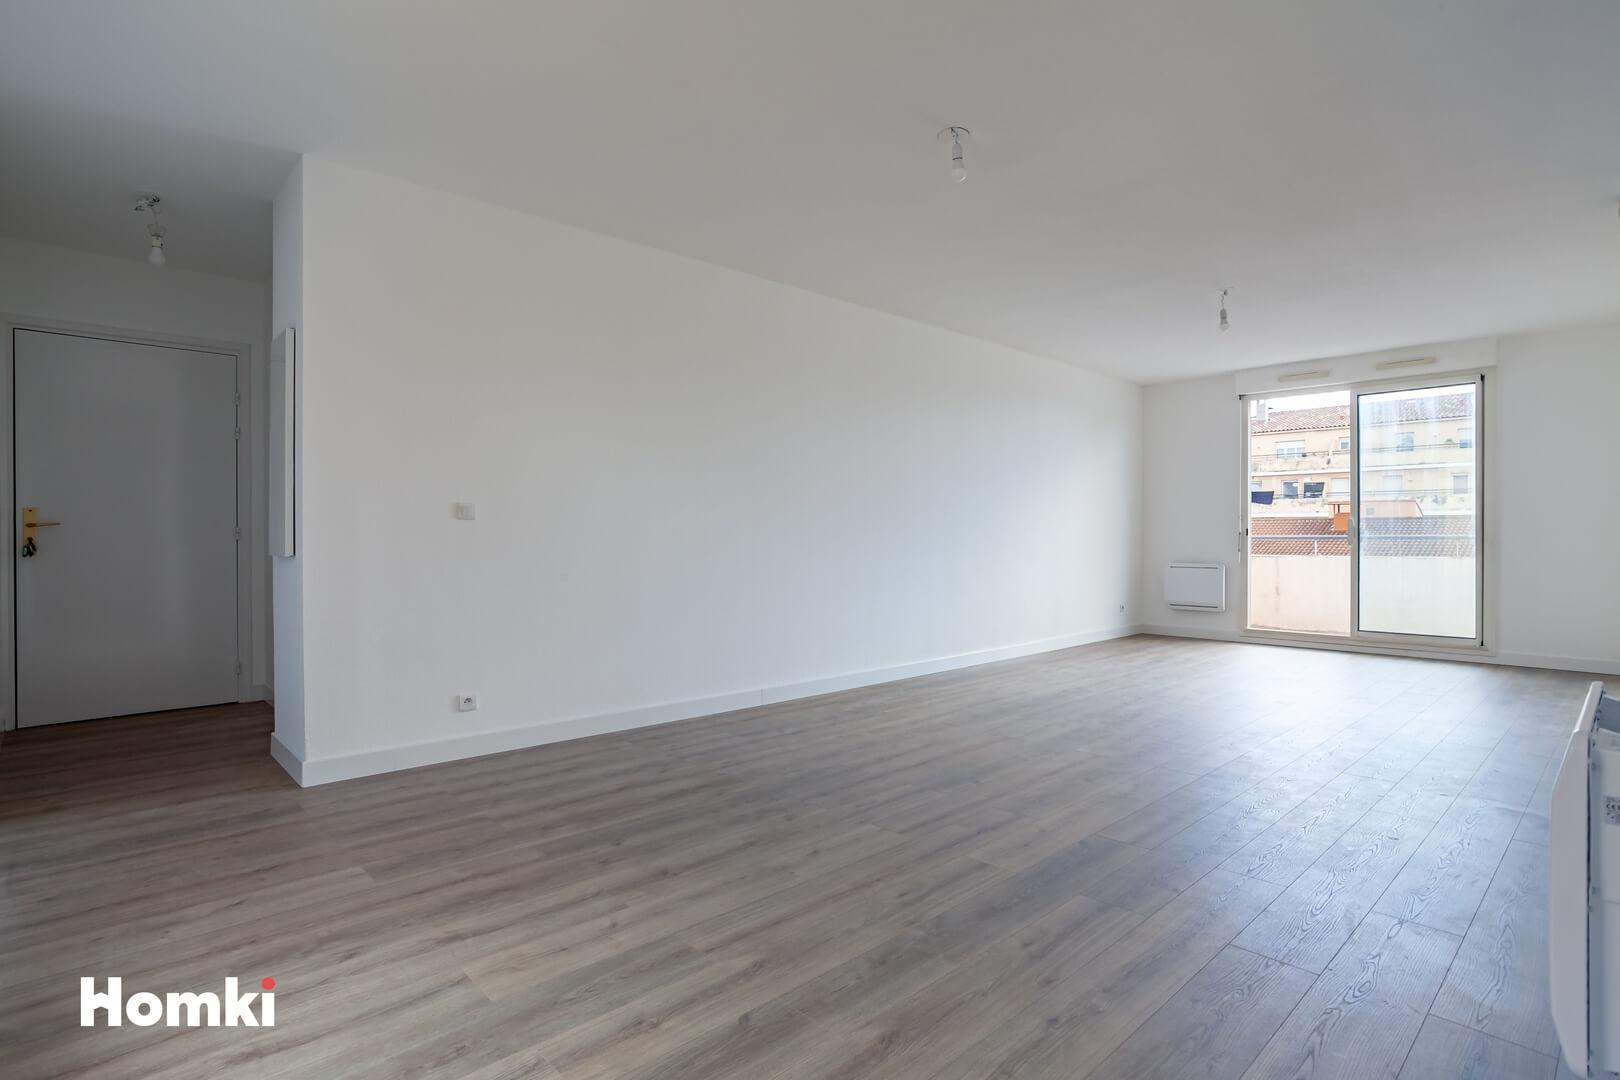 Homki - Vente Appartement  de 70.0 m² à Marseille 13010